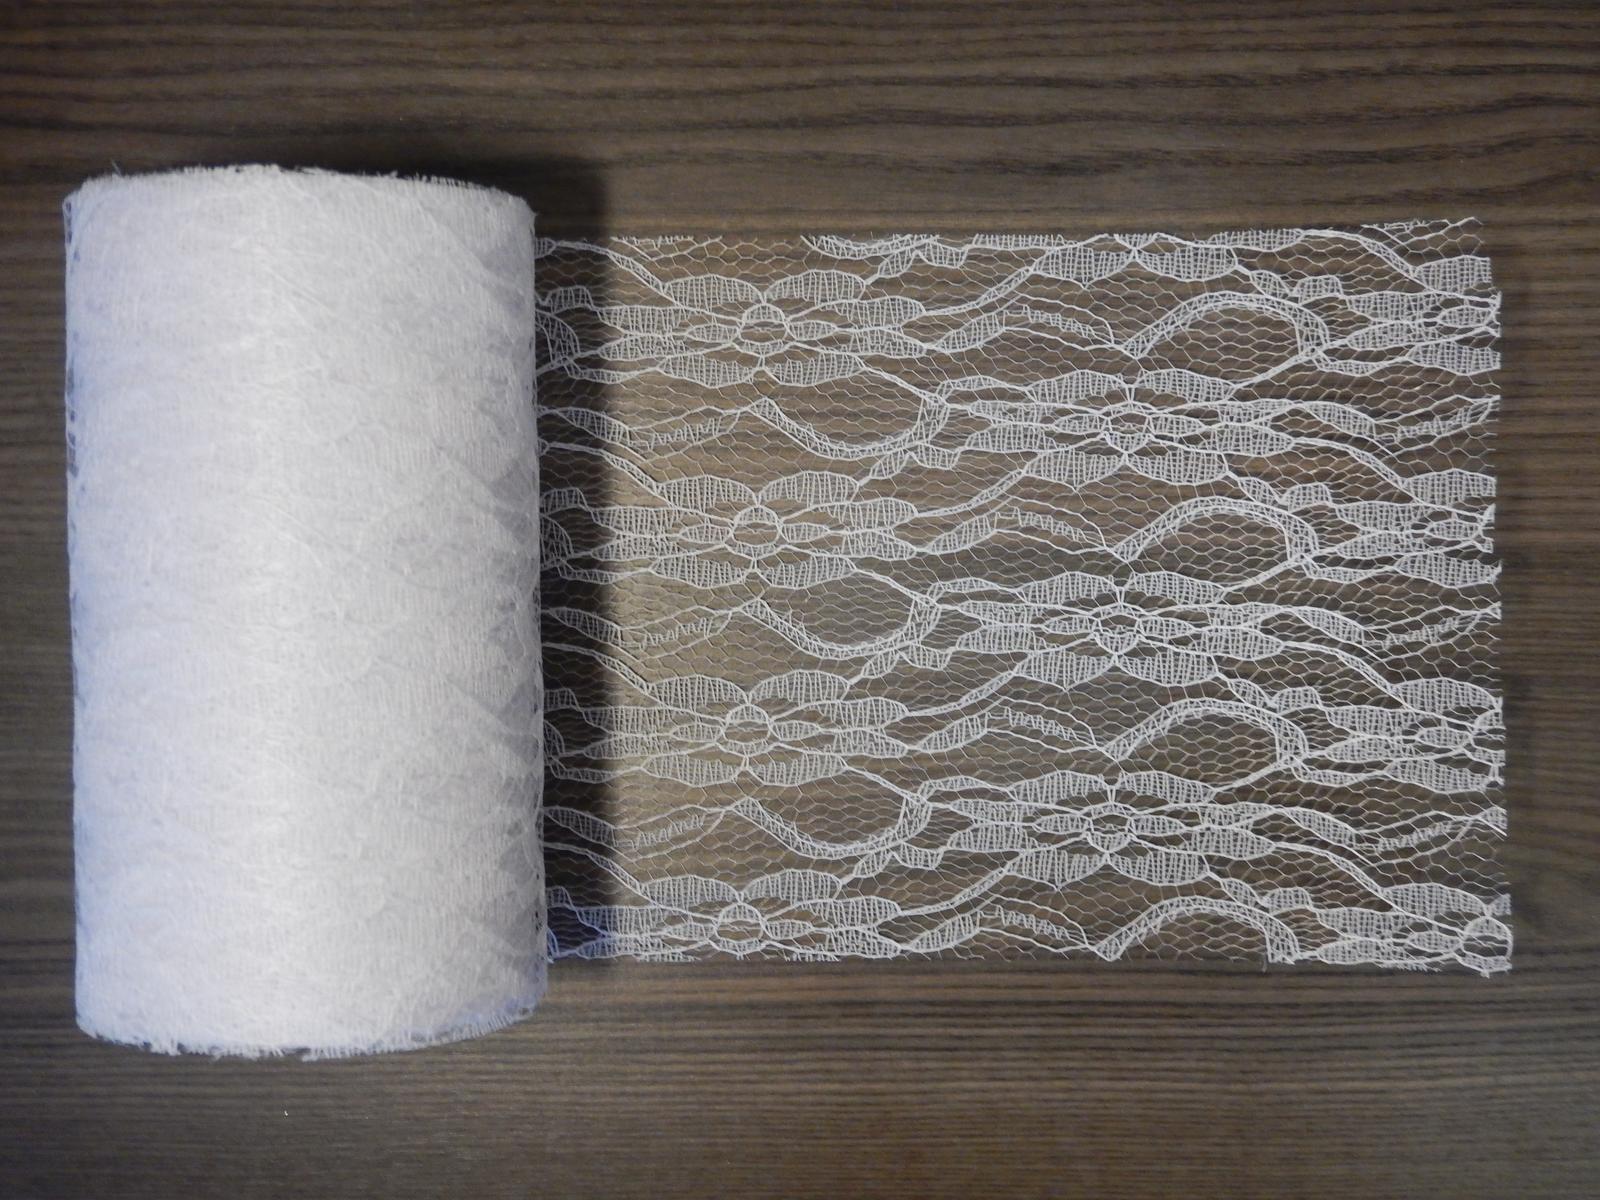 Biela cipka 15cm x 22m - Obrázok č. 1